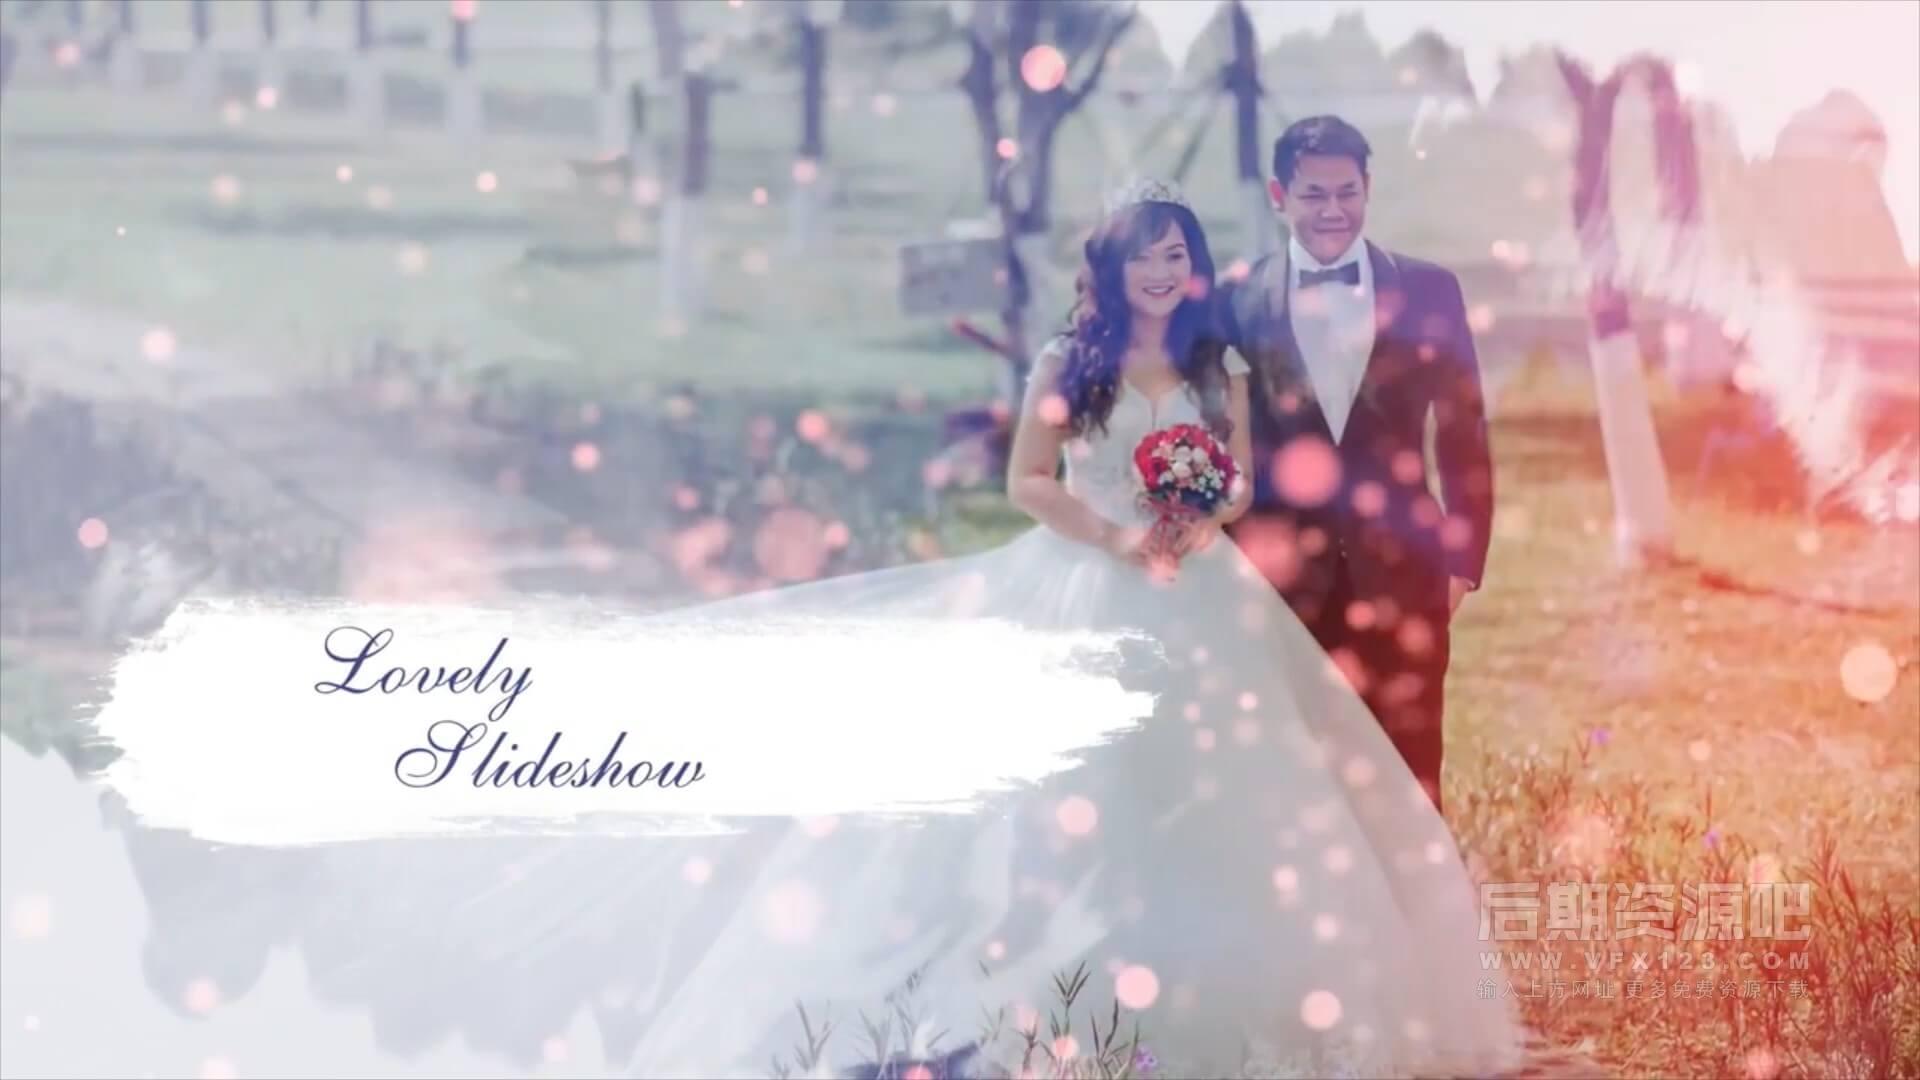 fcpx主题模板 优雅水墨效果浪漫婚礼开场 Wedding Slideshow | MAC影视后期资源站